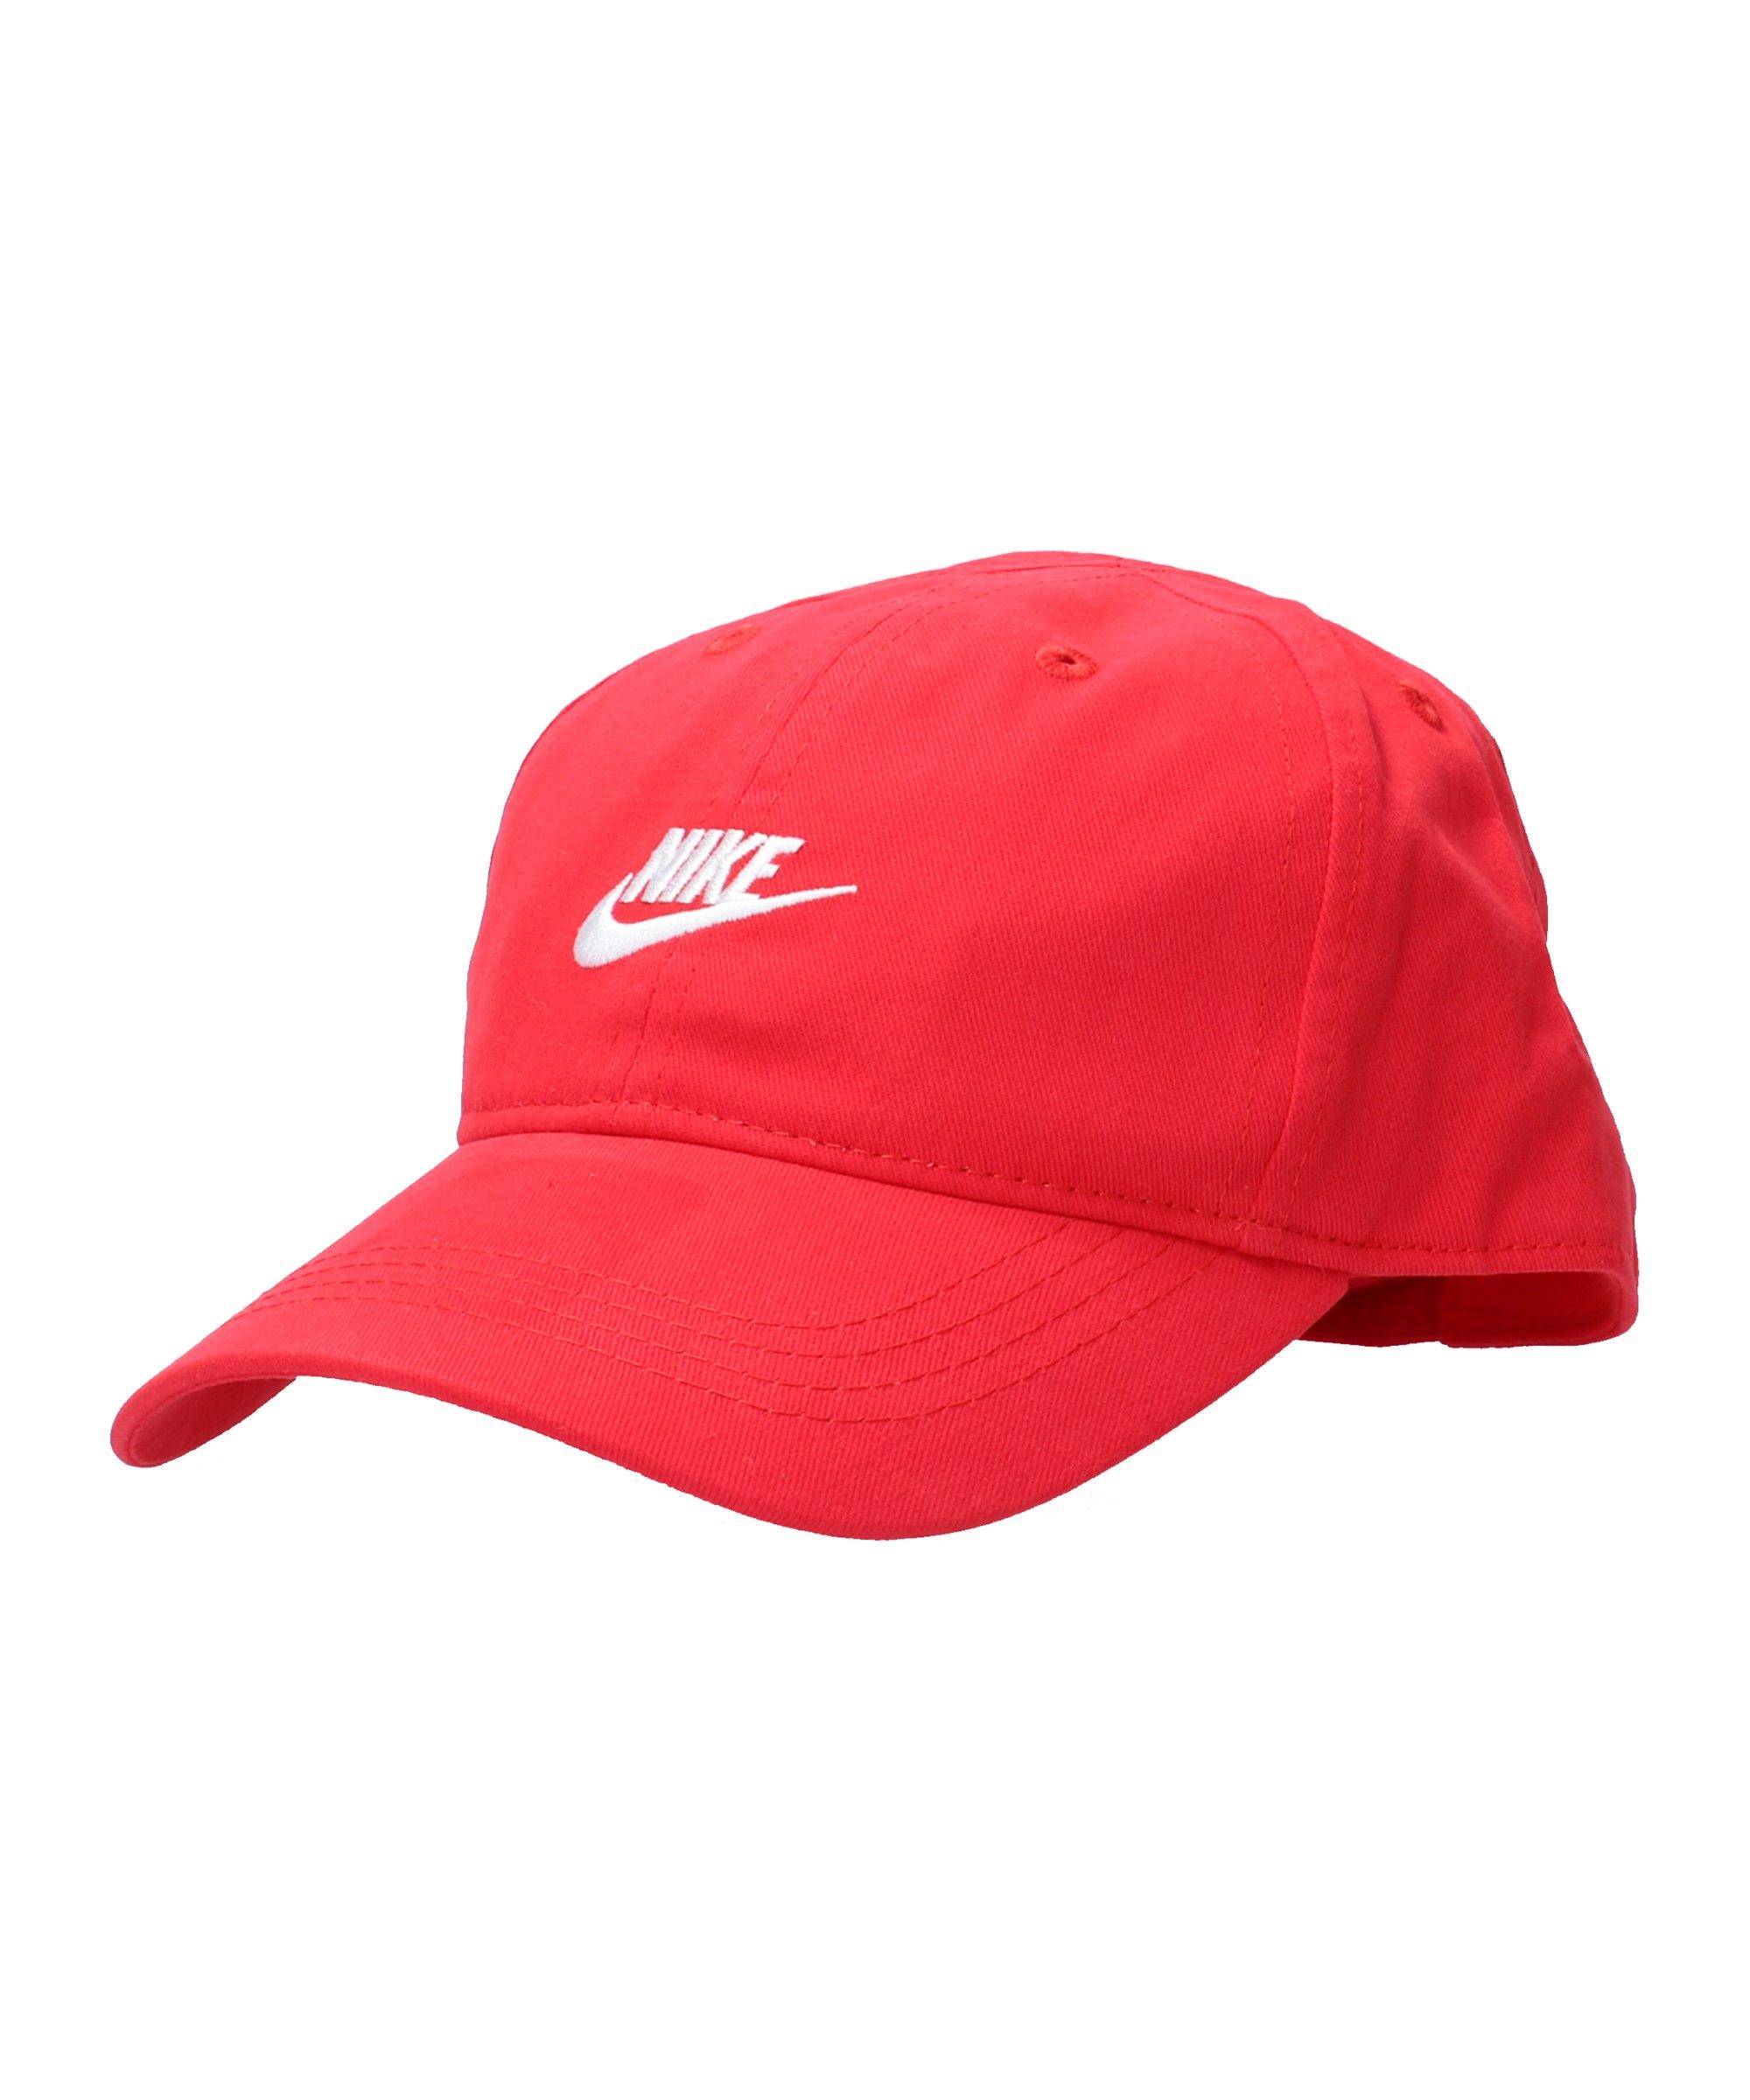 Nike Futura Curve Brim Cap Kids Rot FU10 - rot